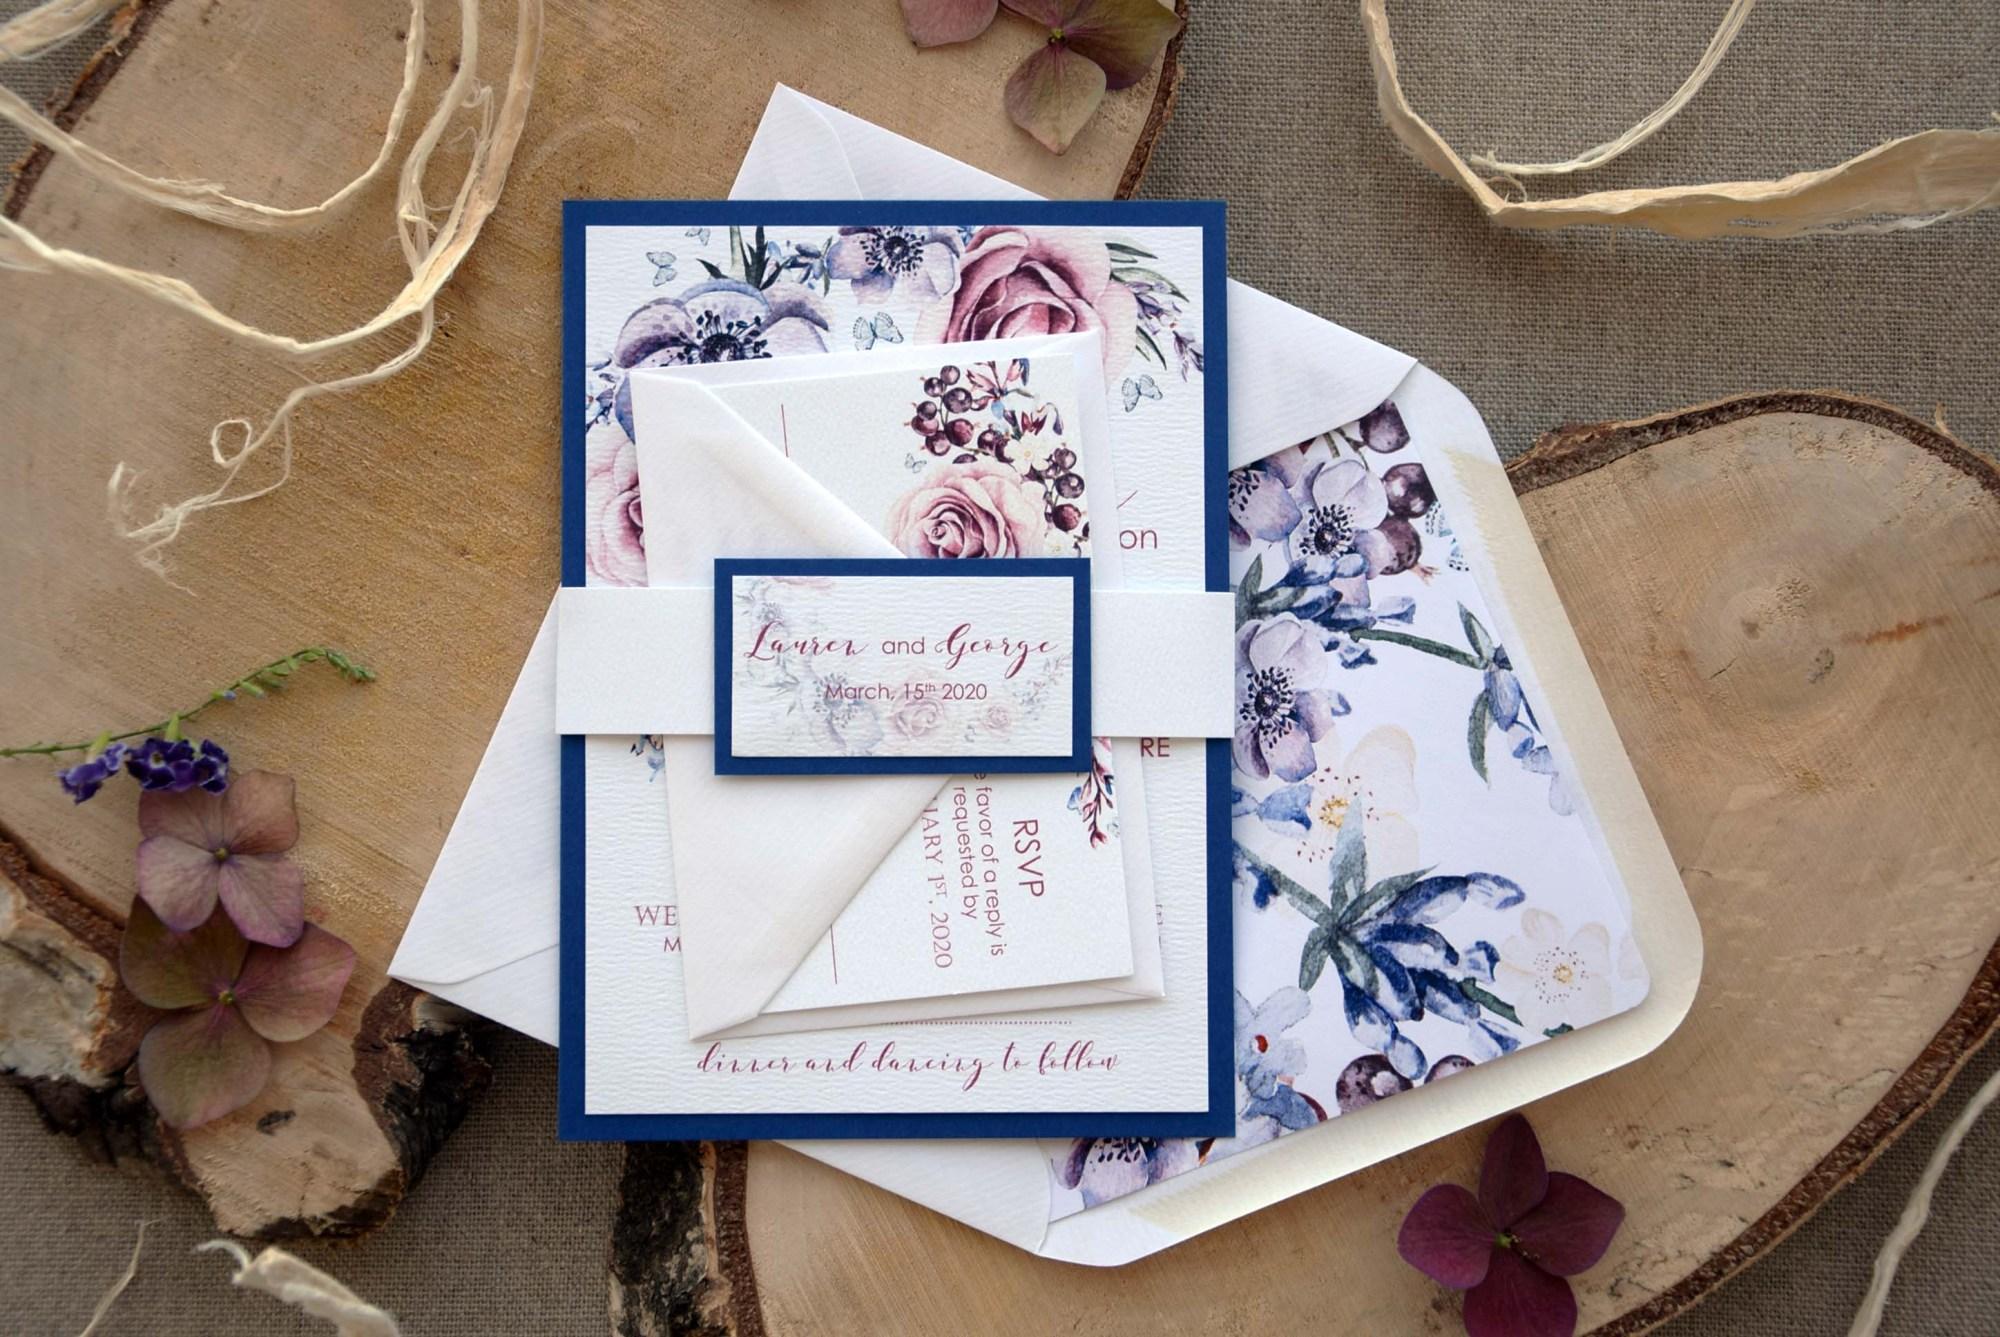 Unquie Wedding Invitations.Unique Wedding Invitations